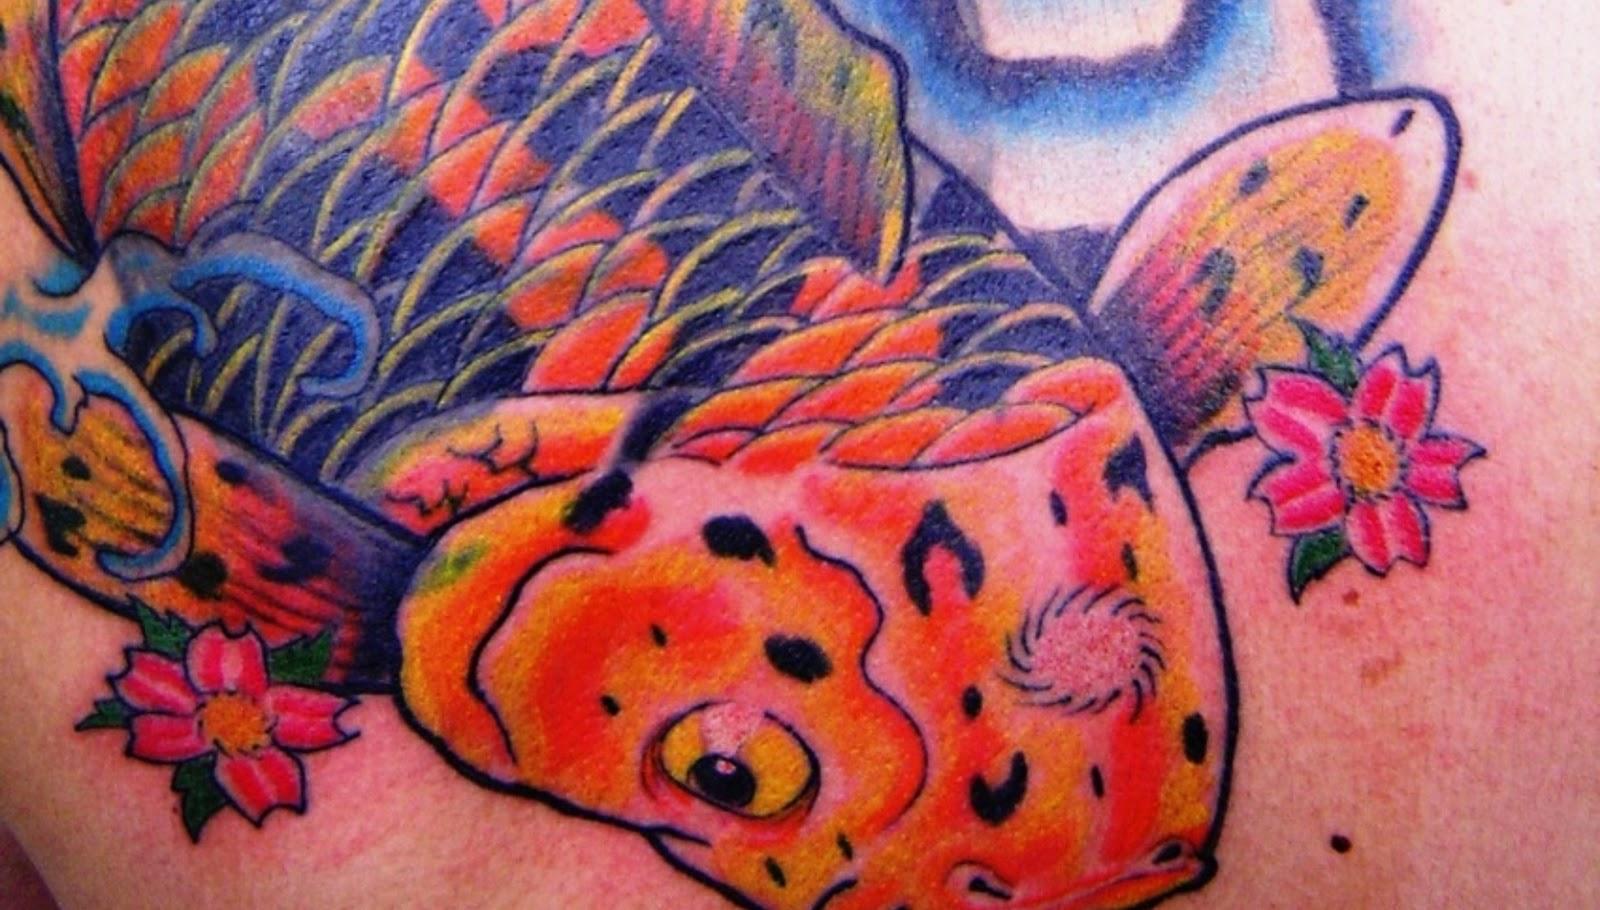 Certo Receio Em Fazer Tatuagens Em Cima De Cicatrizes Por Nao Saber O